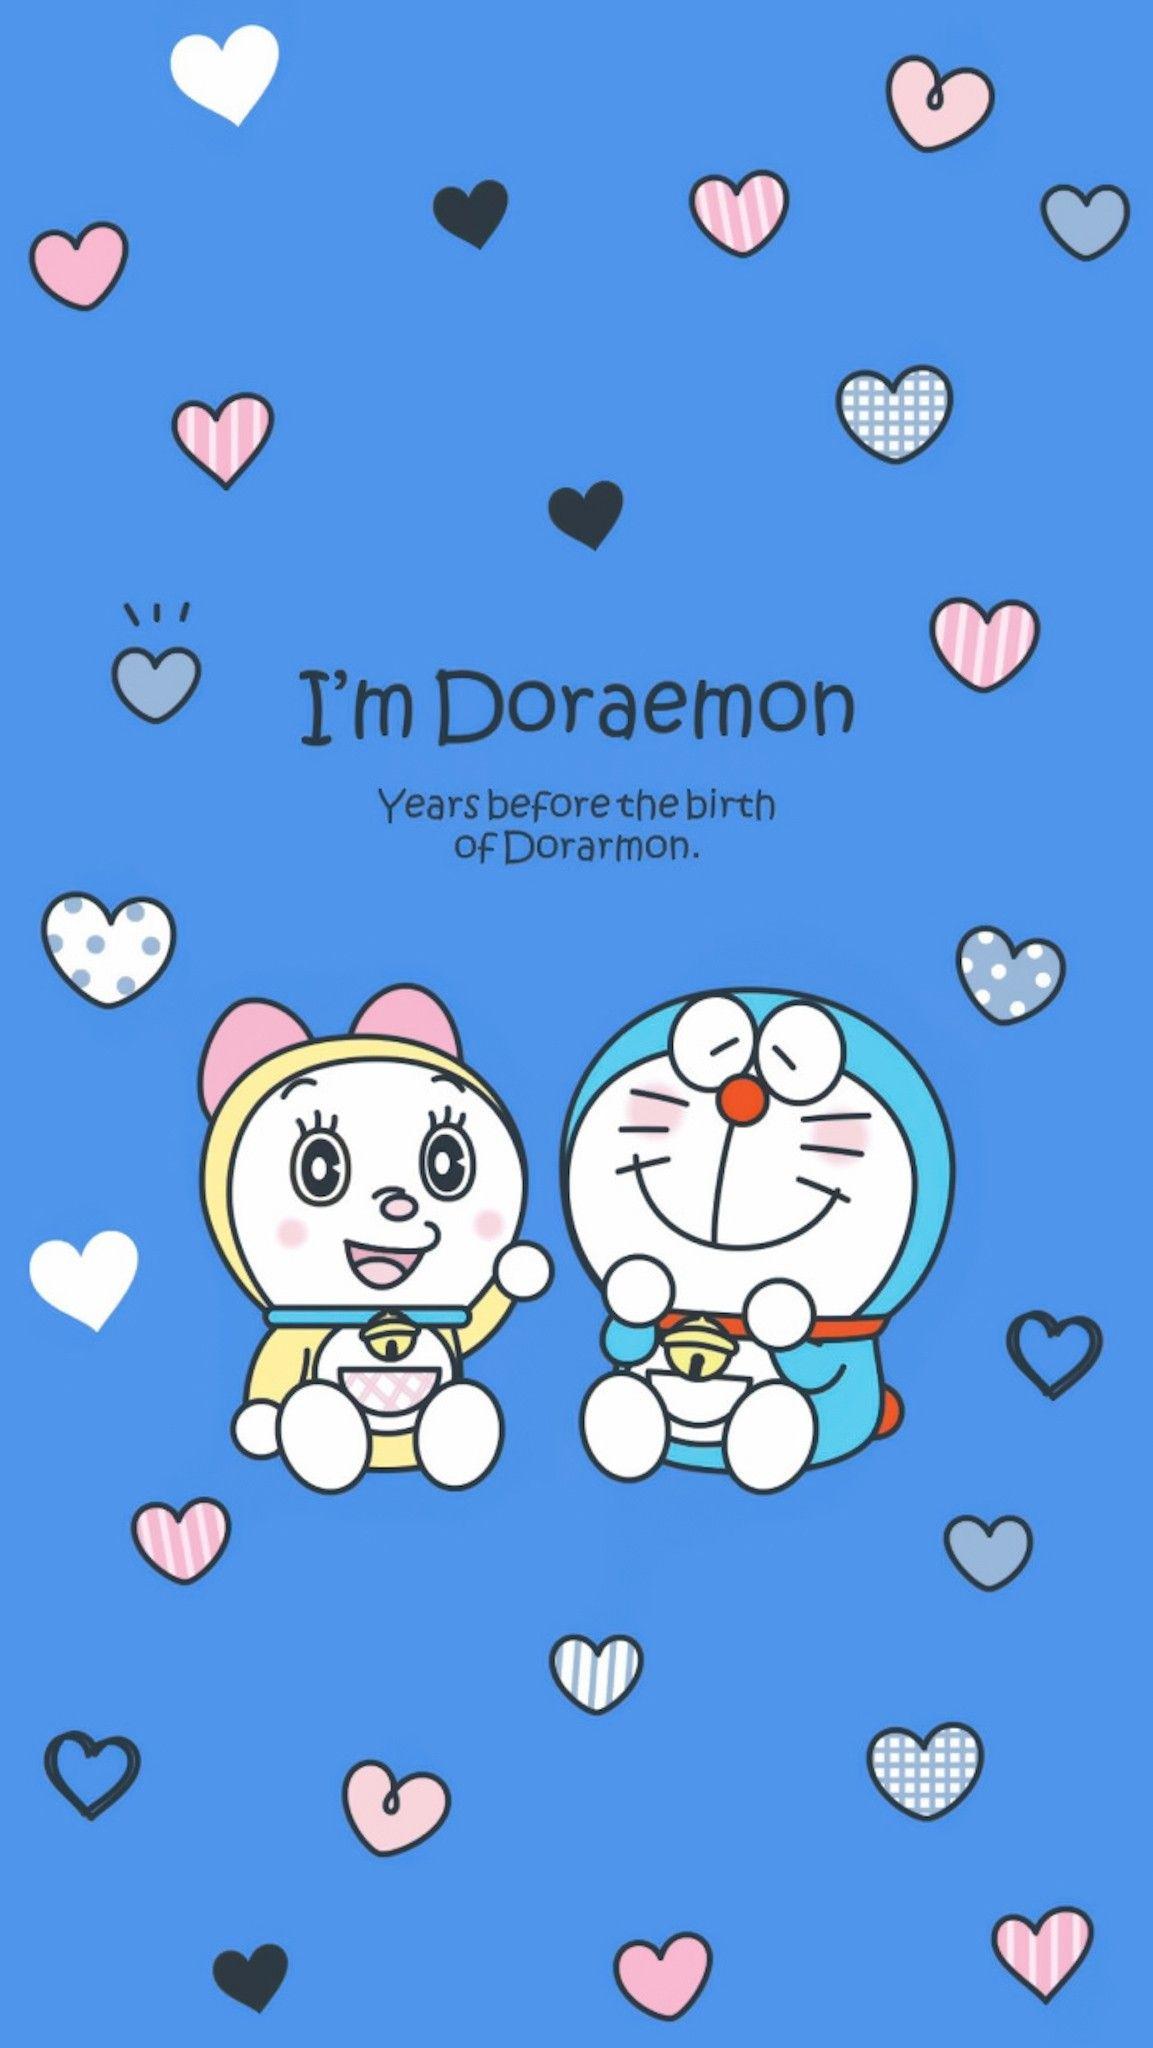 Pin Oleh Aekkalisa Di Doraemon Bg Di 2020 Lucu Doraemon Wallpaper Lucu